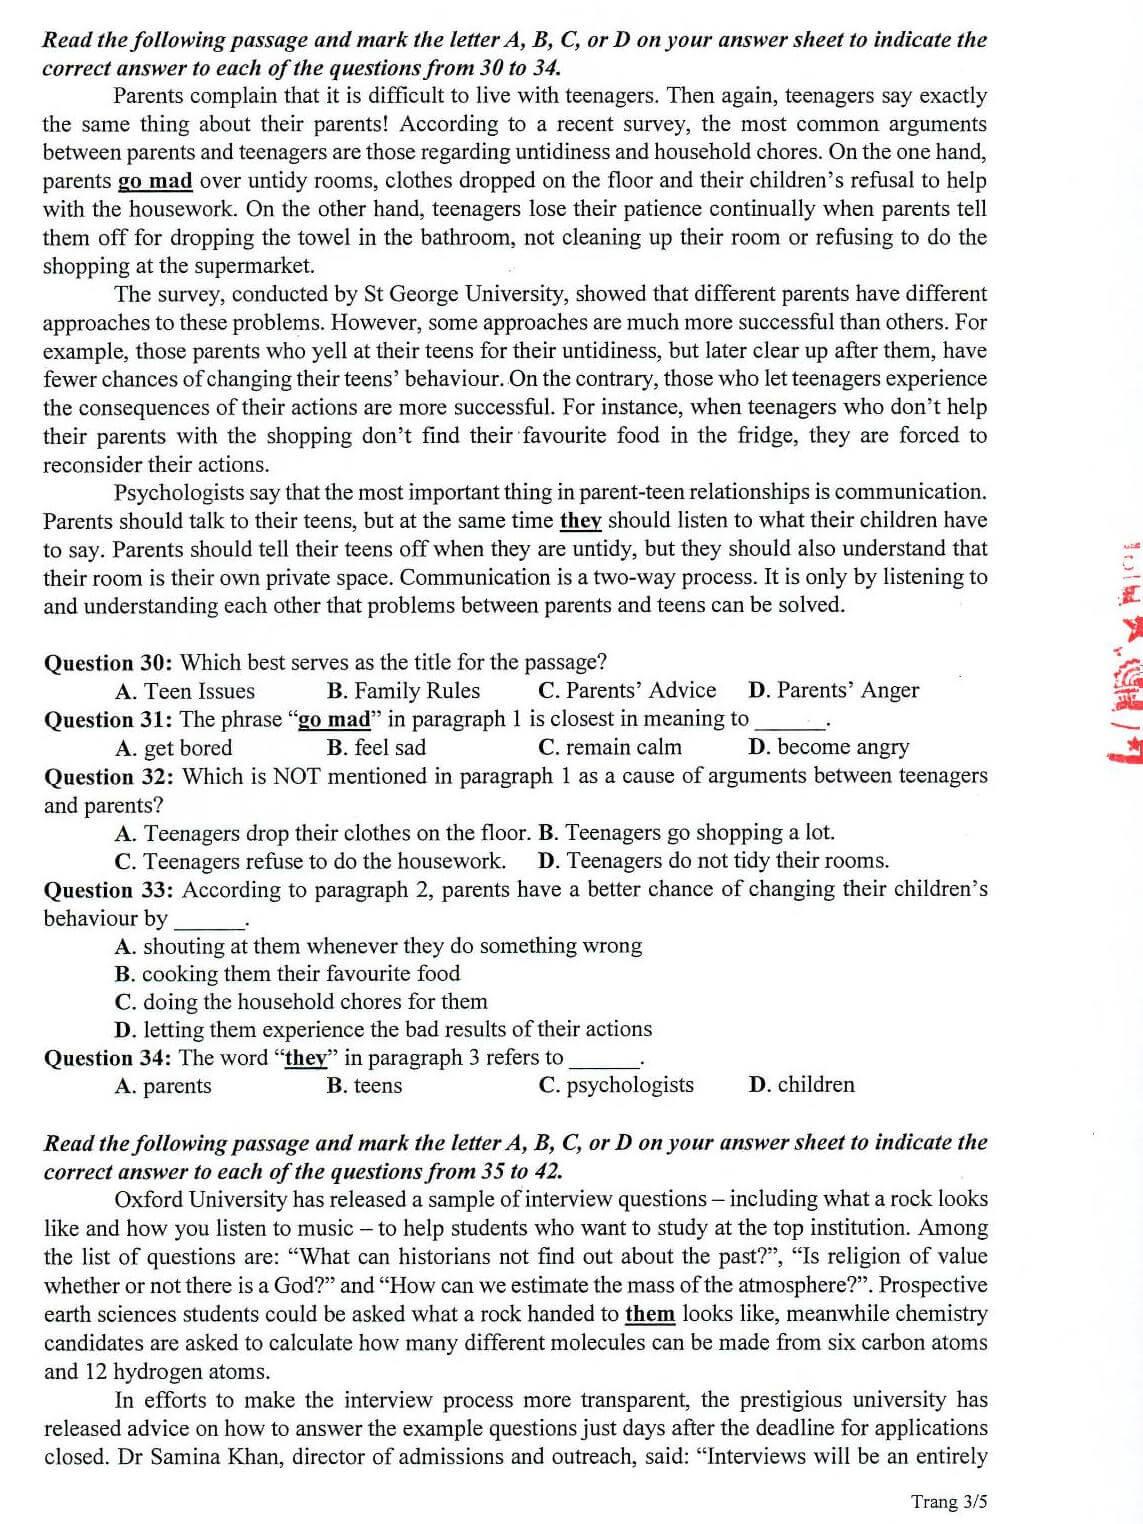 đề thi minh họa 2020 môn Tiếng Anh THPT QG